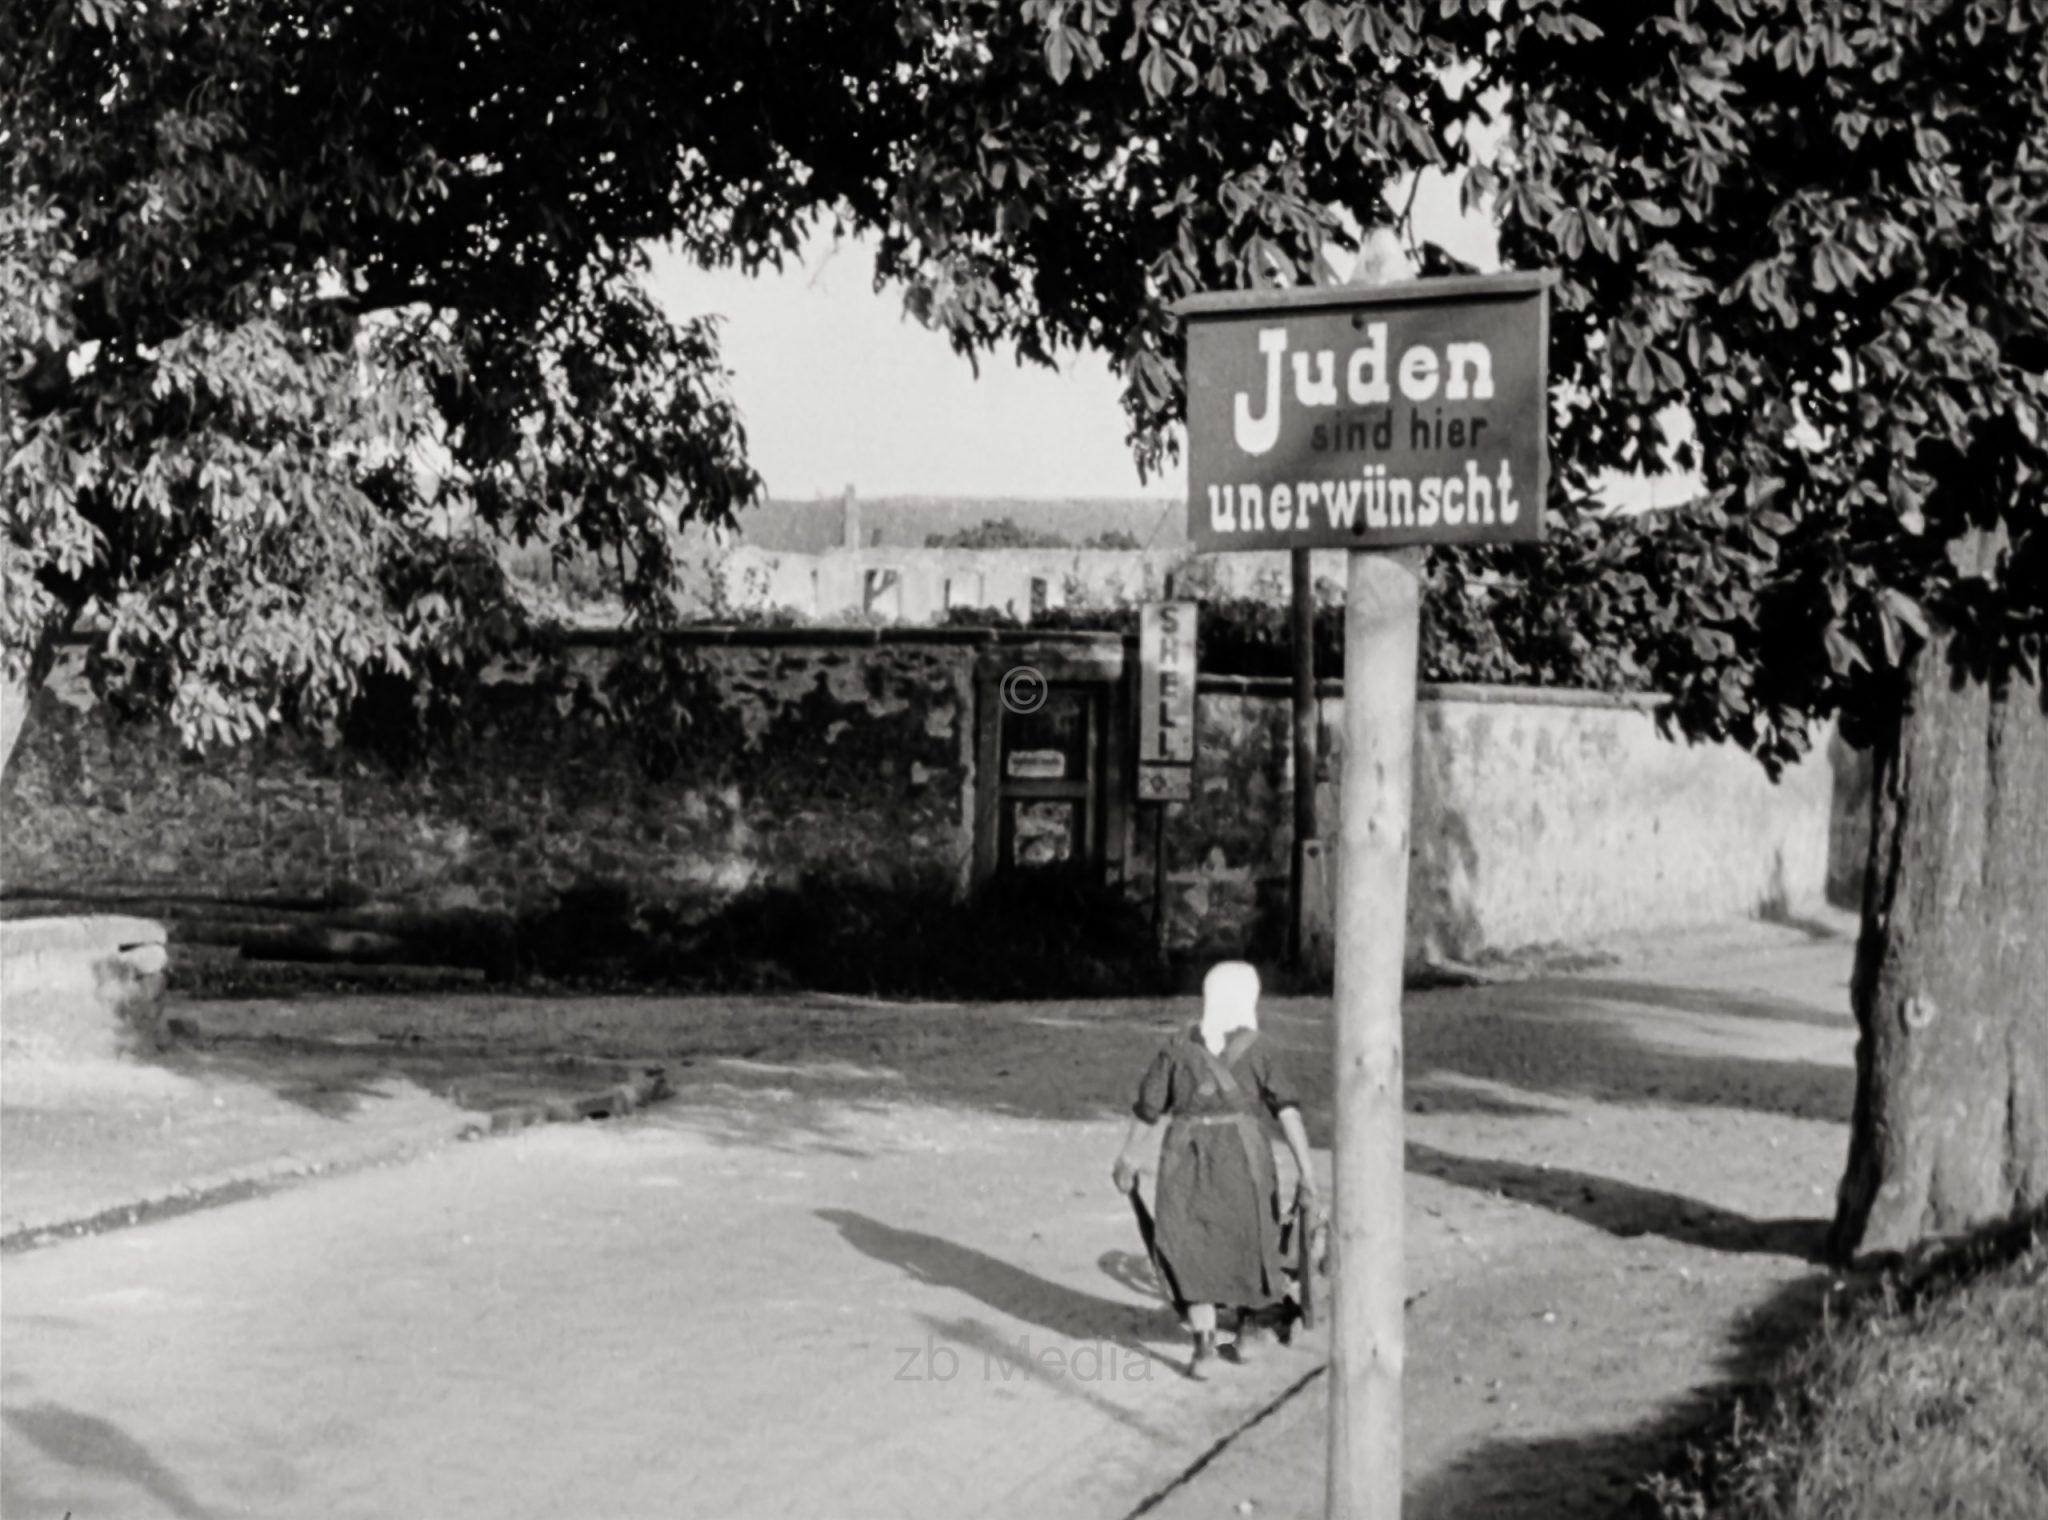 Juden unerwünscht